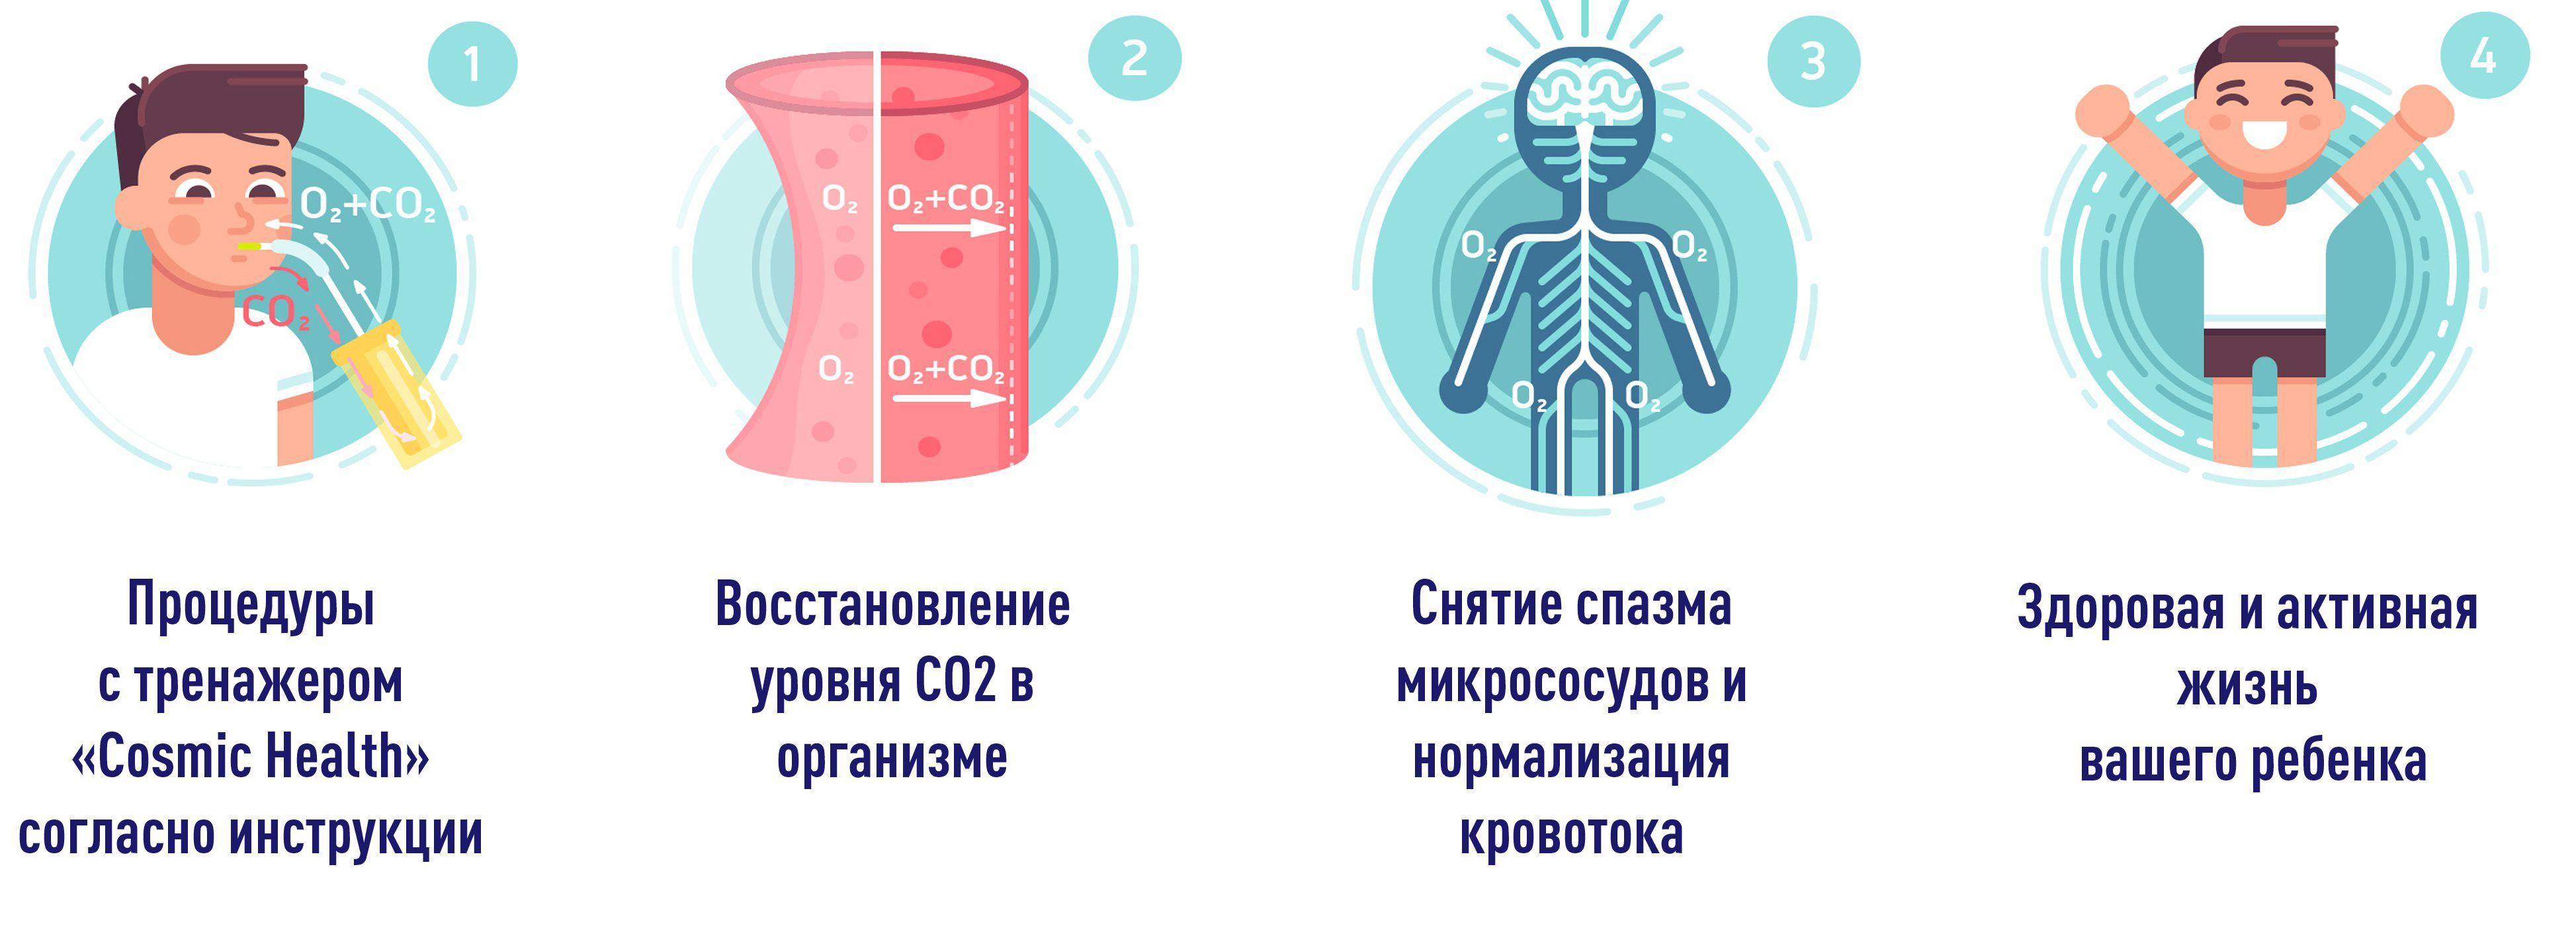 Влияние дыхательного тренажера самоздрав